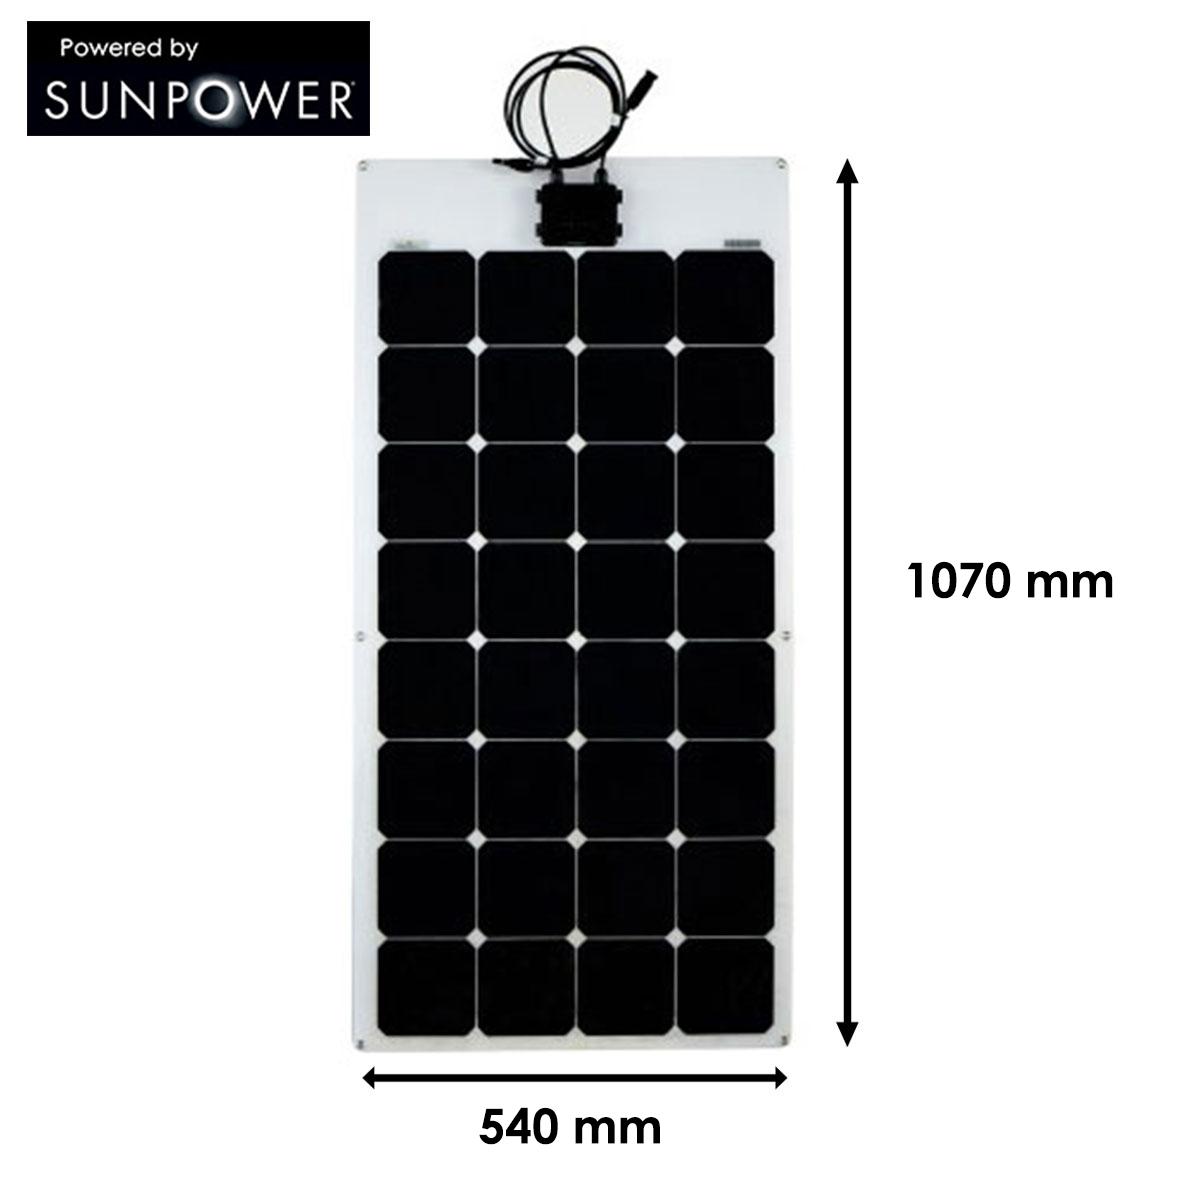 panneau solaire 110w souple semi flexible cellules sunpower back contact. Black Bedroom Furniture Sets. Home Design Ideas